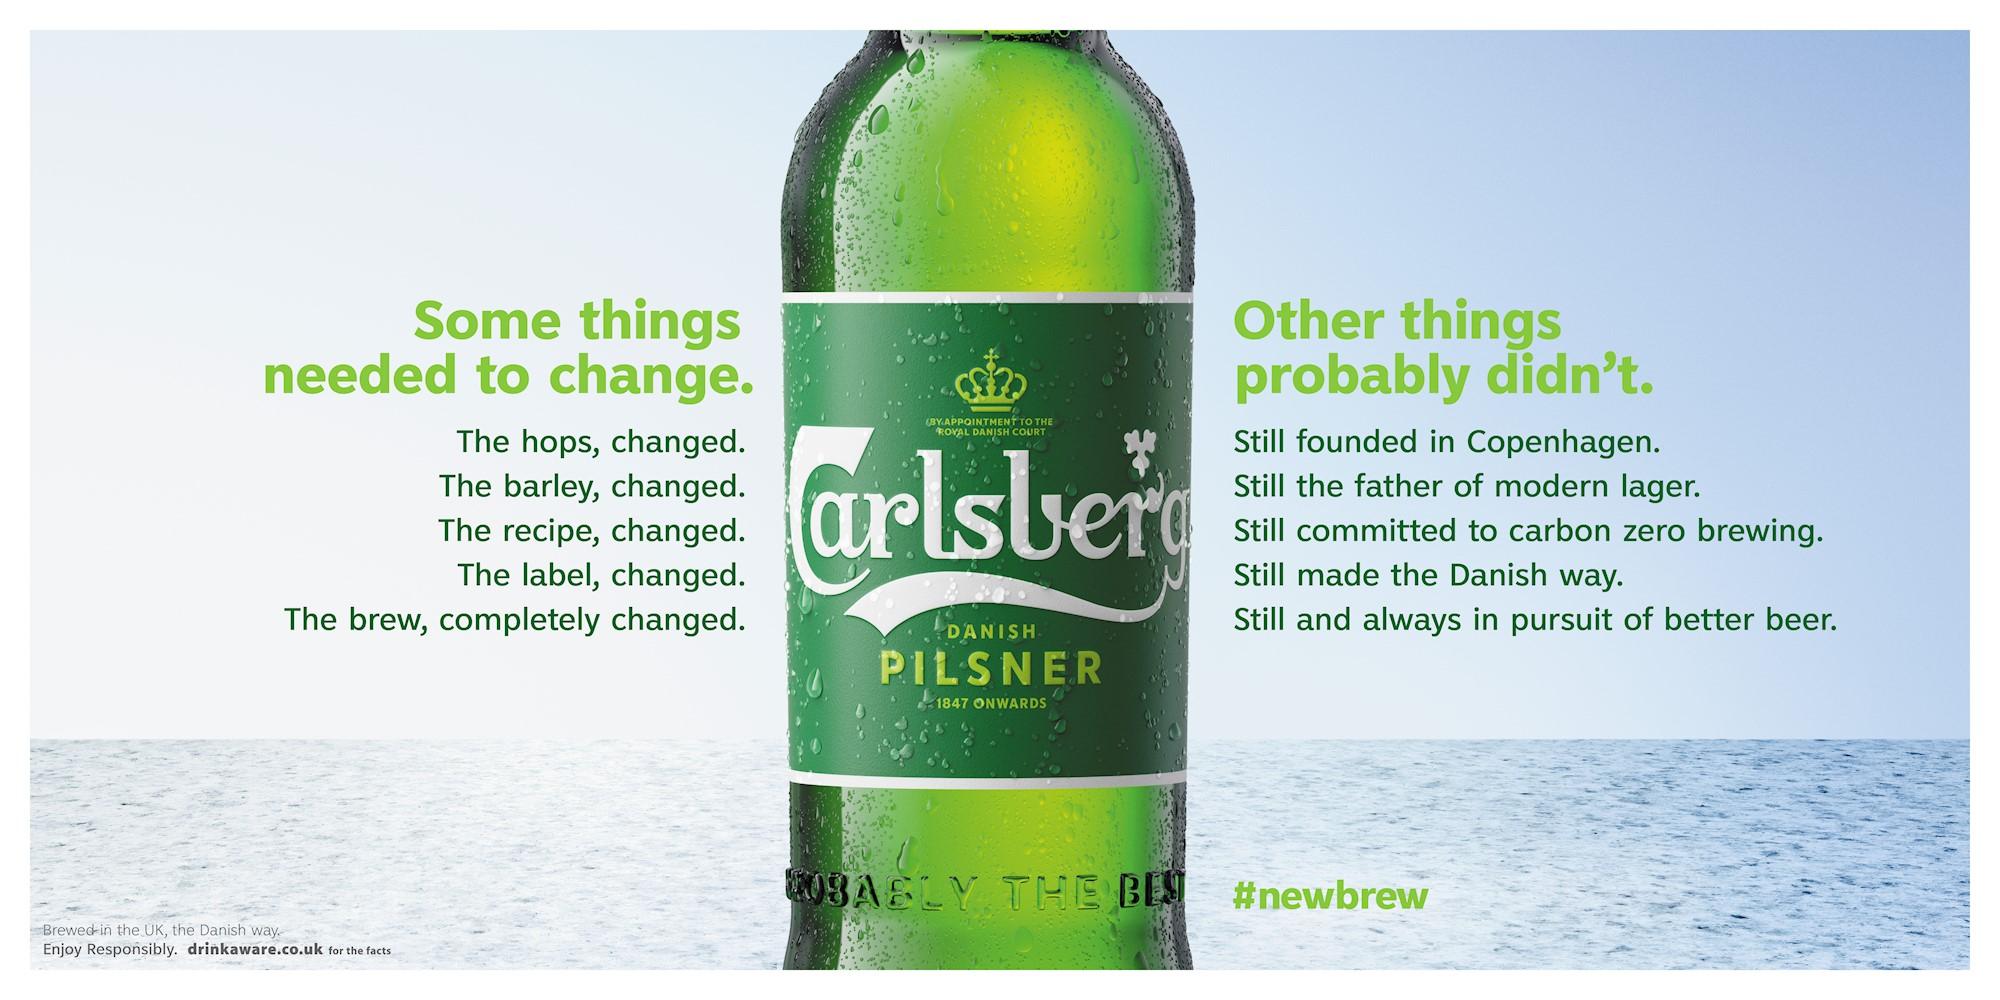 carlsberg-relaunch-ingredients-ad.jpg